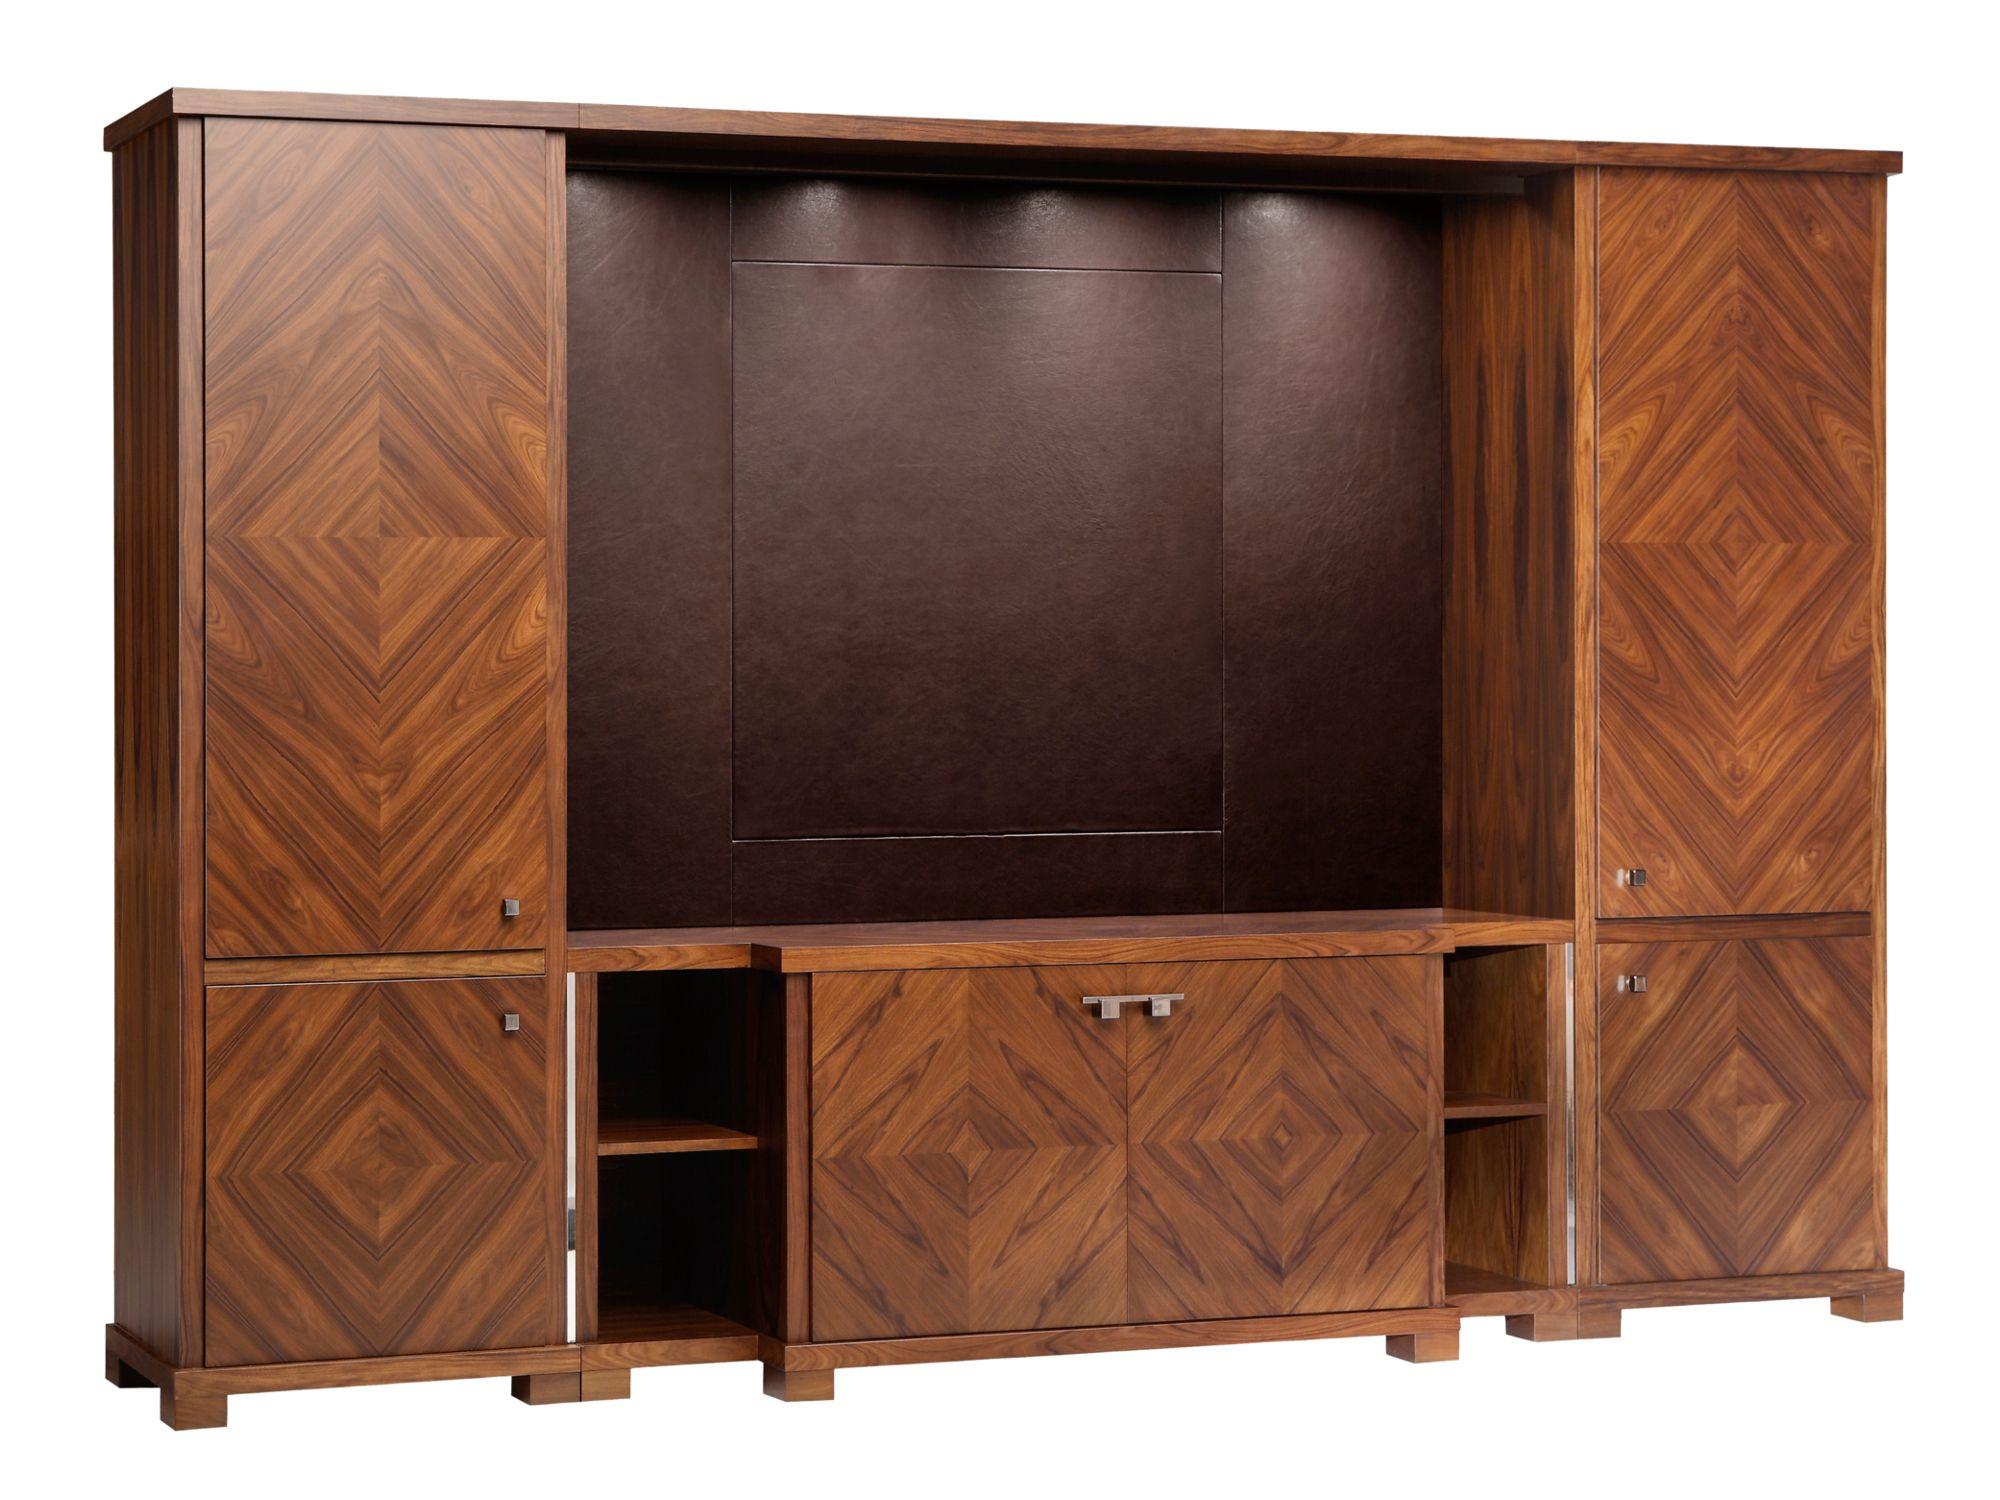 Pareti attrezzate | Zona giorno e mobili contenitori | Archiproducts